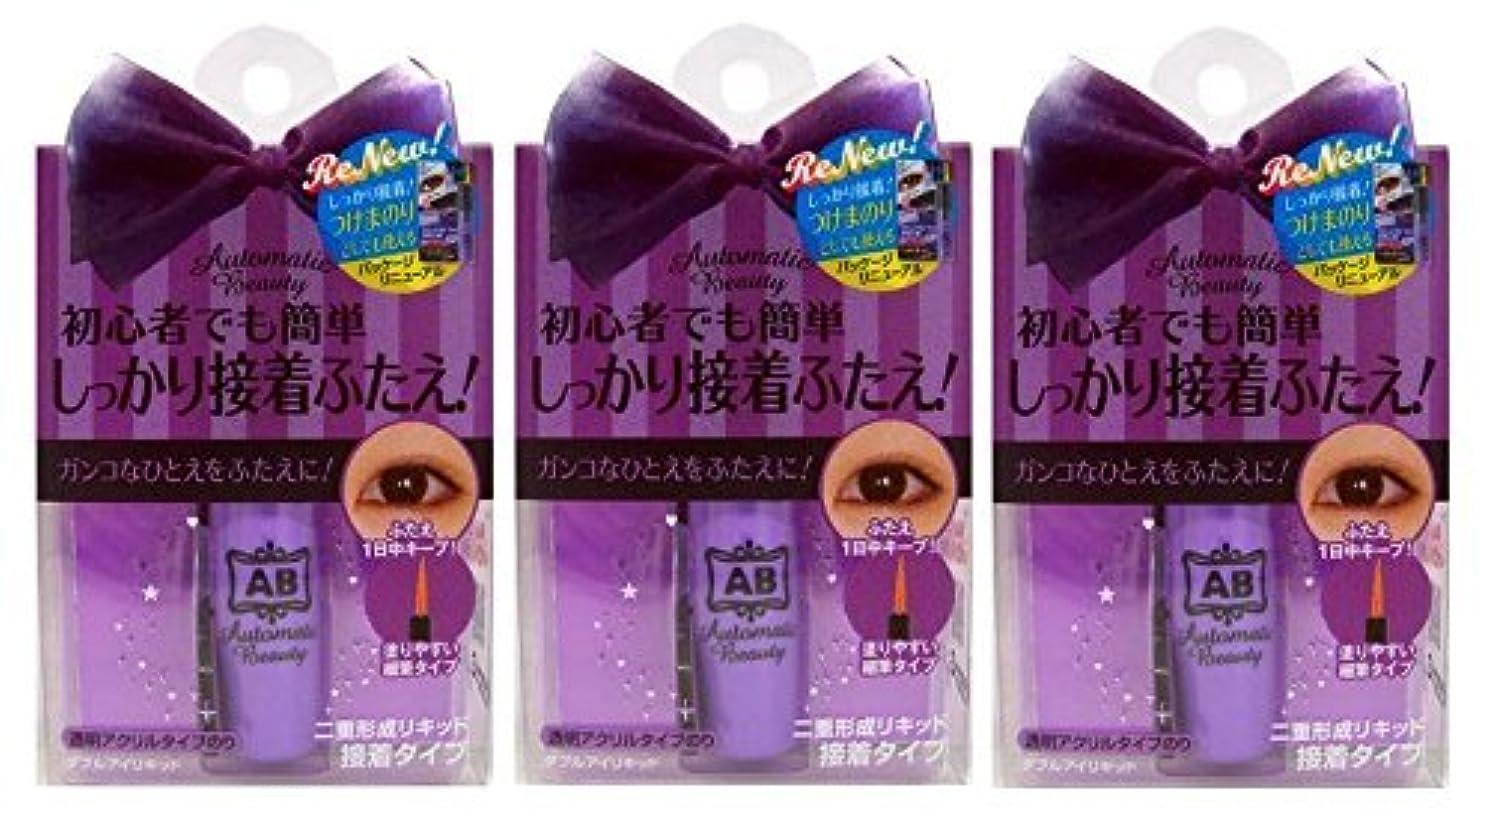 迷惑忠誠独立AB オートマティックビューティ ダブルアイリキッド (二重まぶた化粧品) スティック付き AB-CD3 3個セット